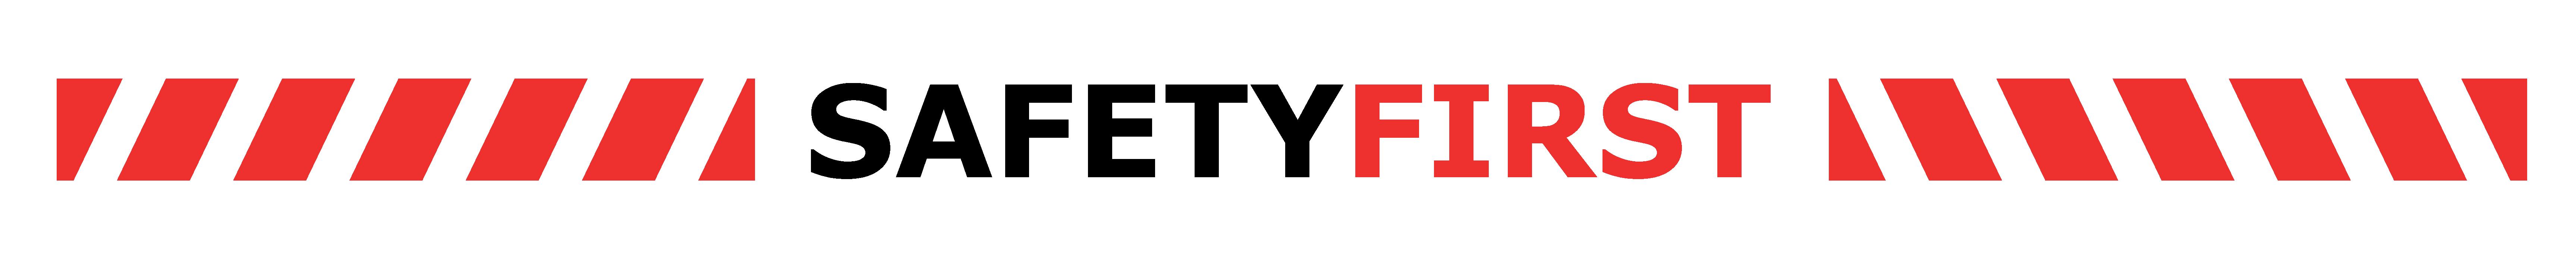 safetyfirst_banners-02